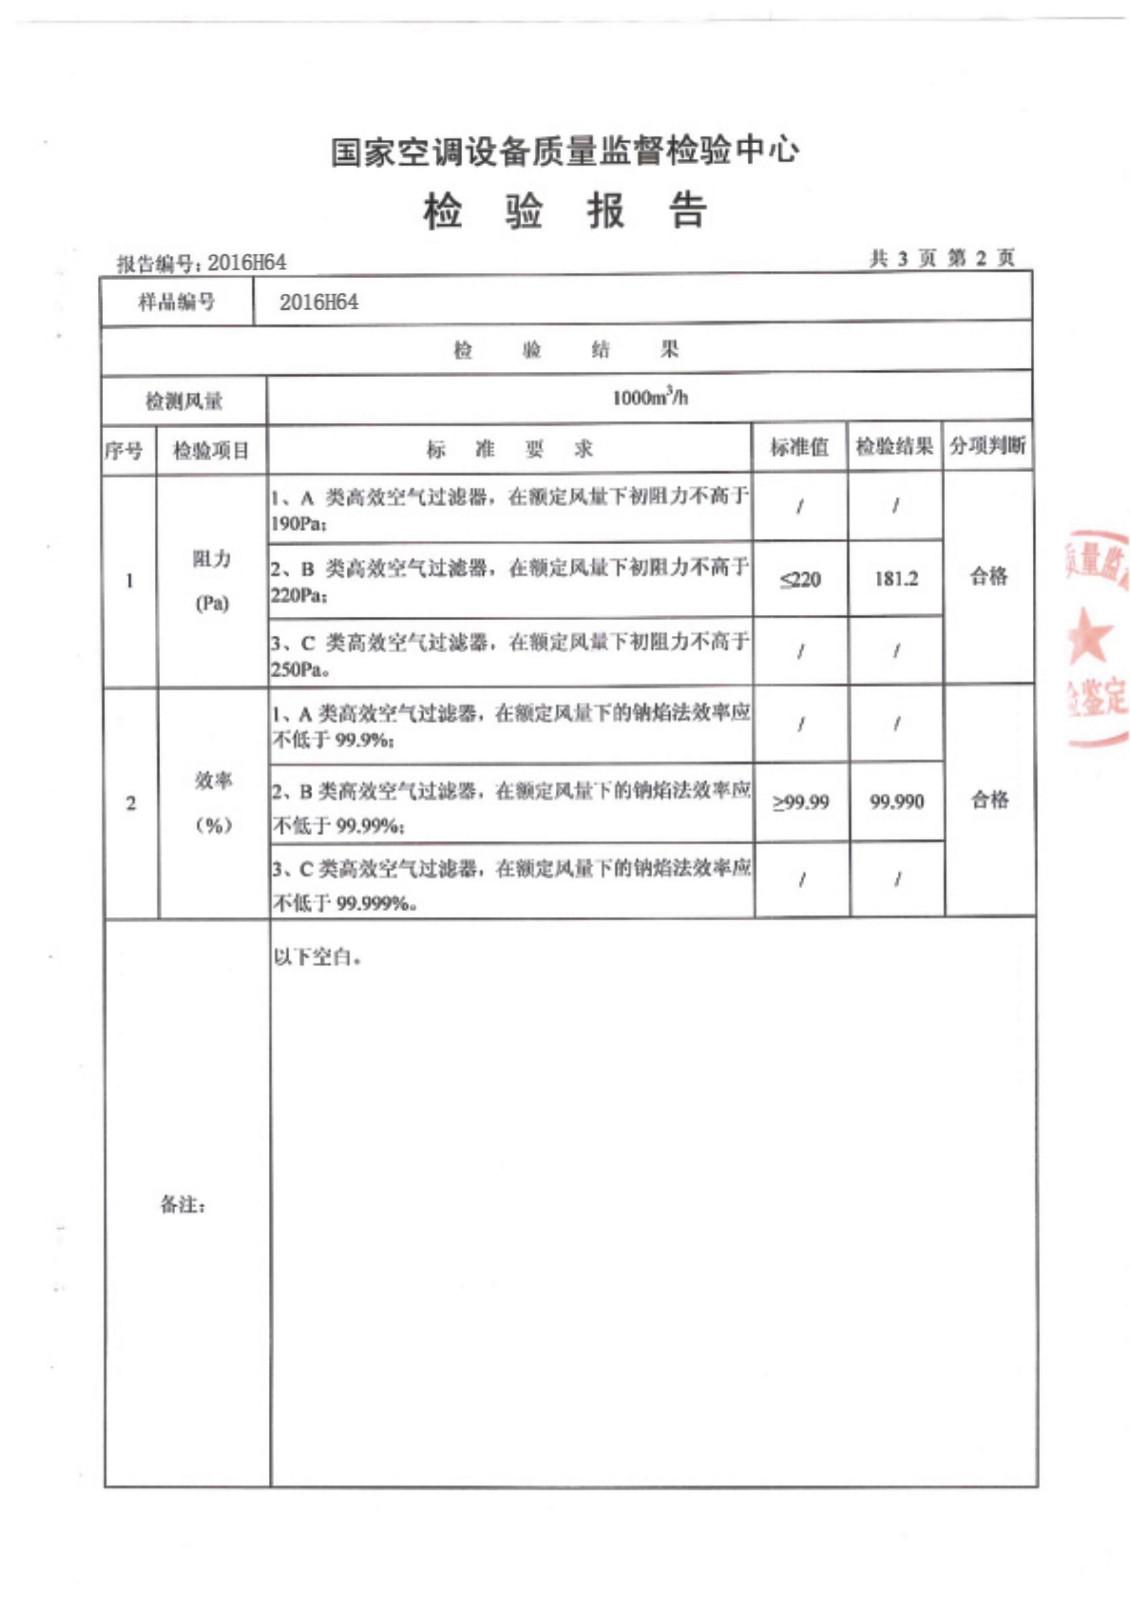 新葡亰无隔板高效检测报告04.jpg